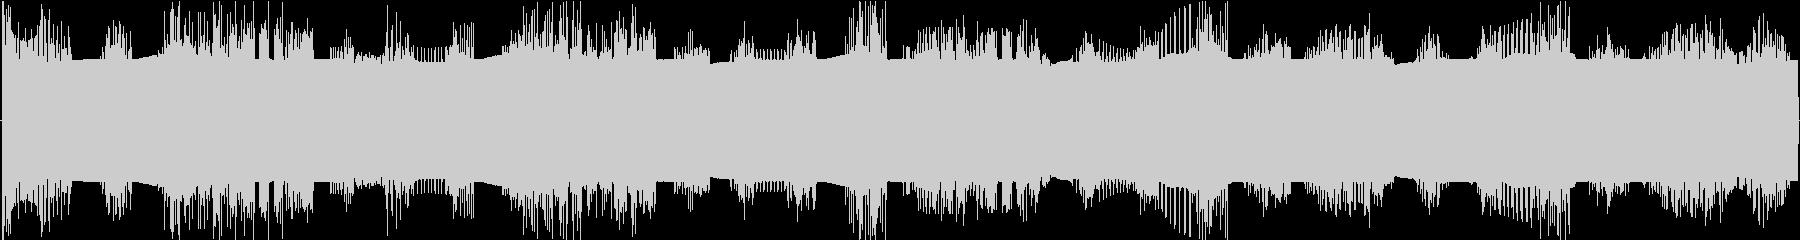 イメージ コンピューターが狂う01の未再生の波形